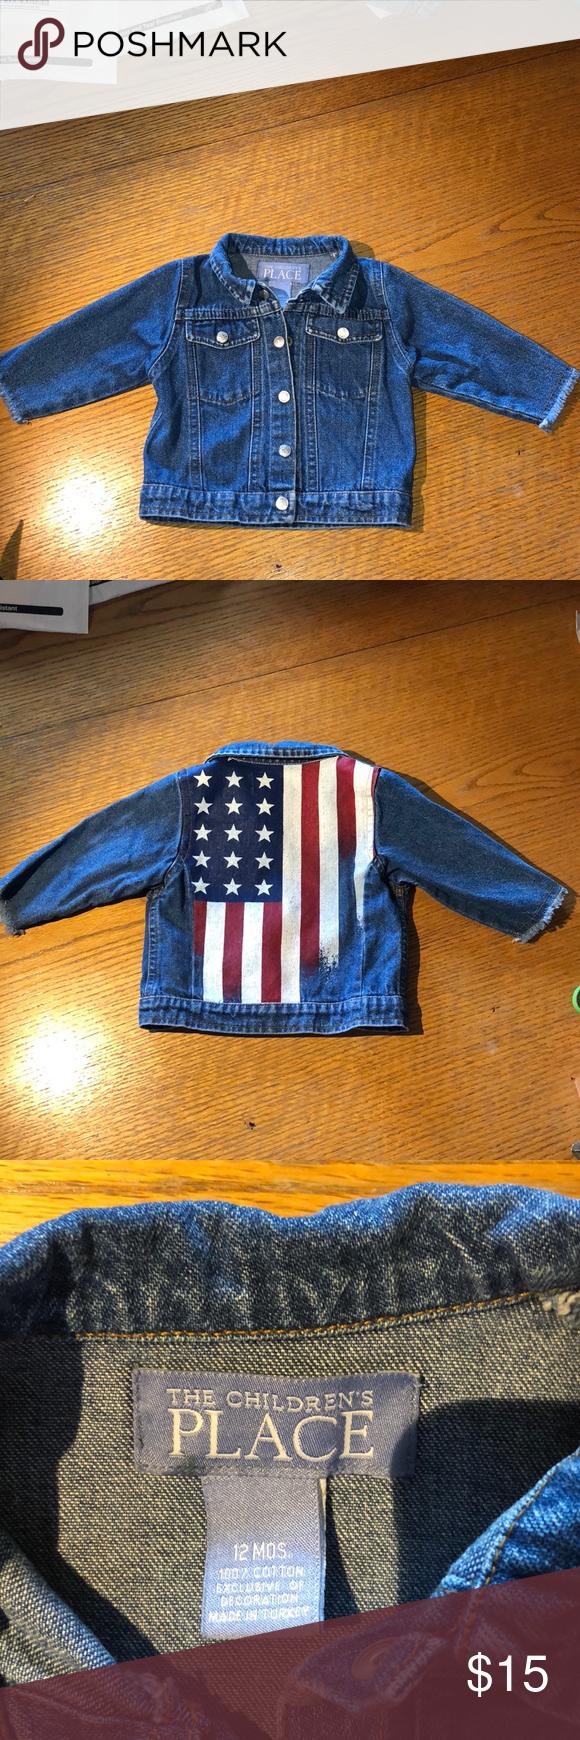 Children S Palace Jean Jacket Jean Jacket Jackets Kids Jacket [ 1740 x 580 Pixel ]